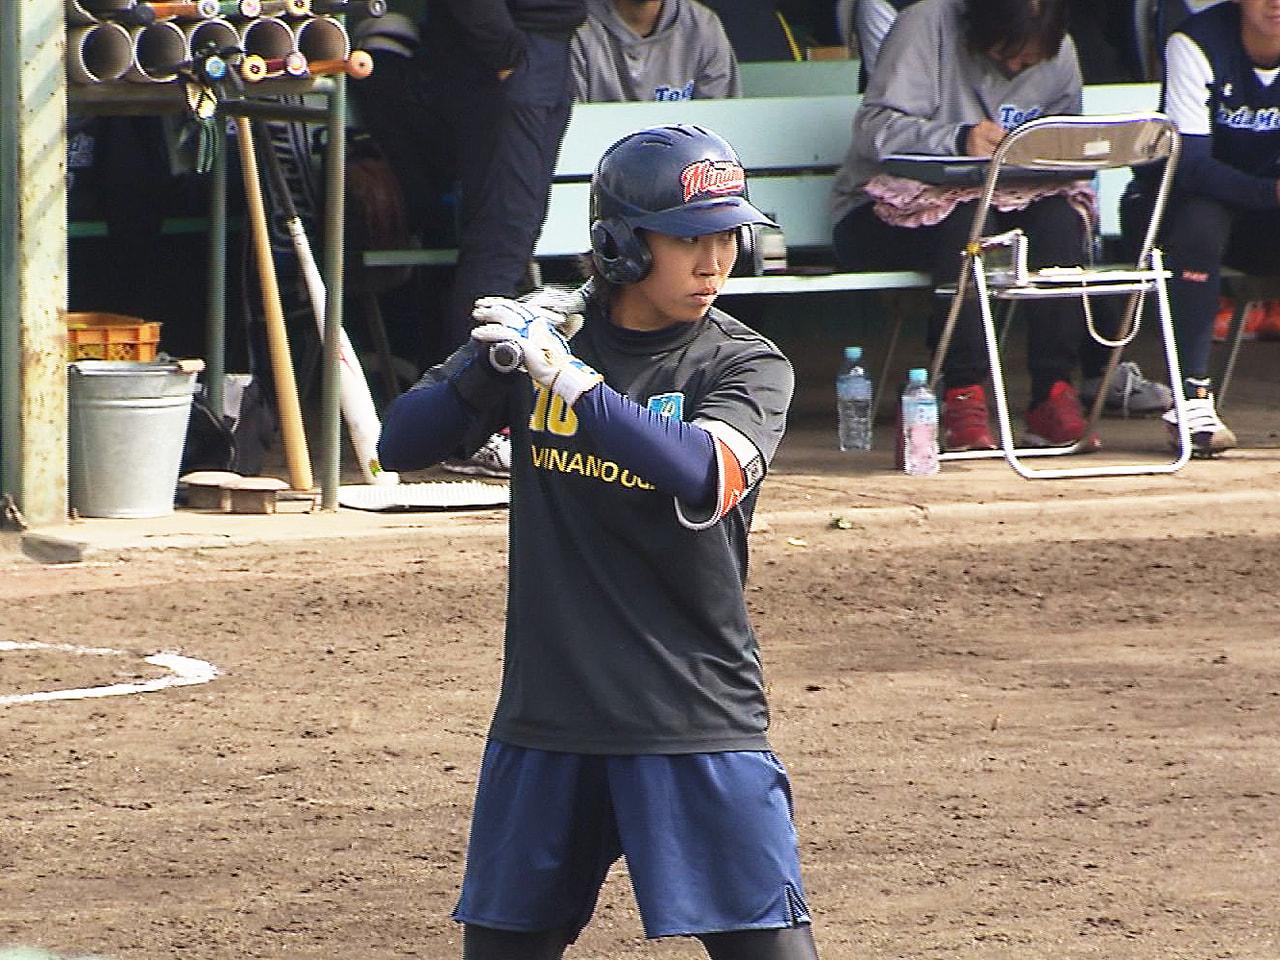 今季、日本女子ソフトボールリーグ1部で戦う大垣ミナモは、4月のシーズン開幕を前に...